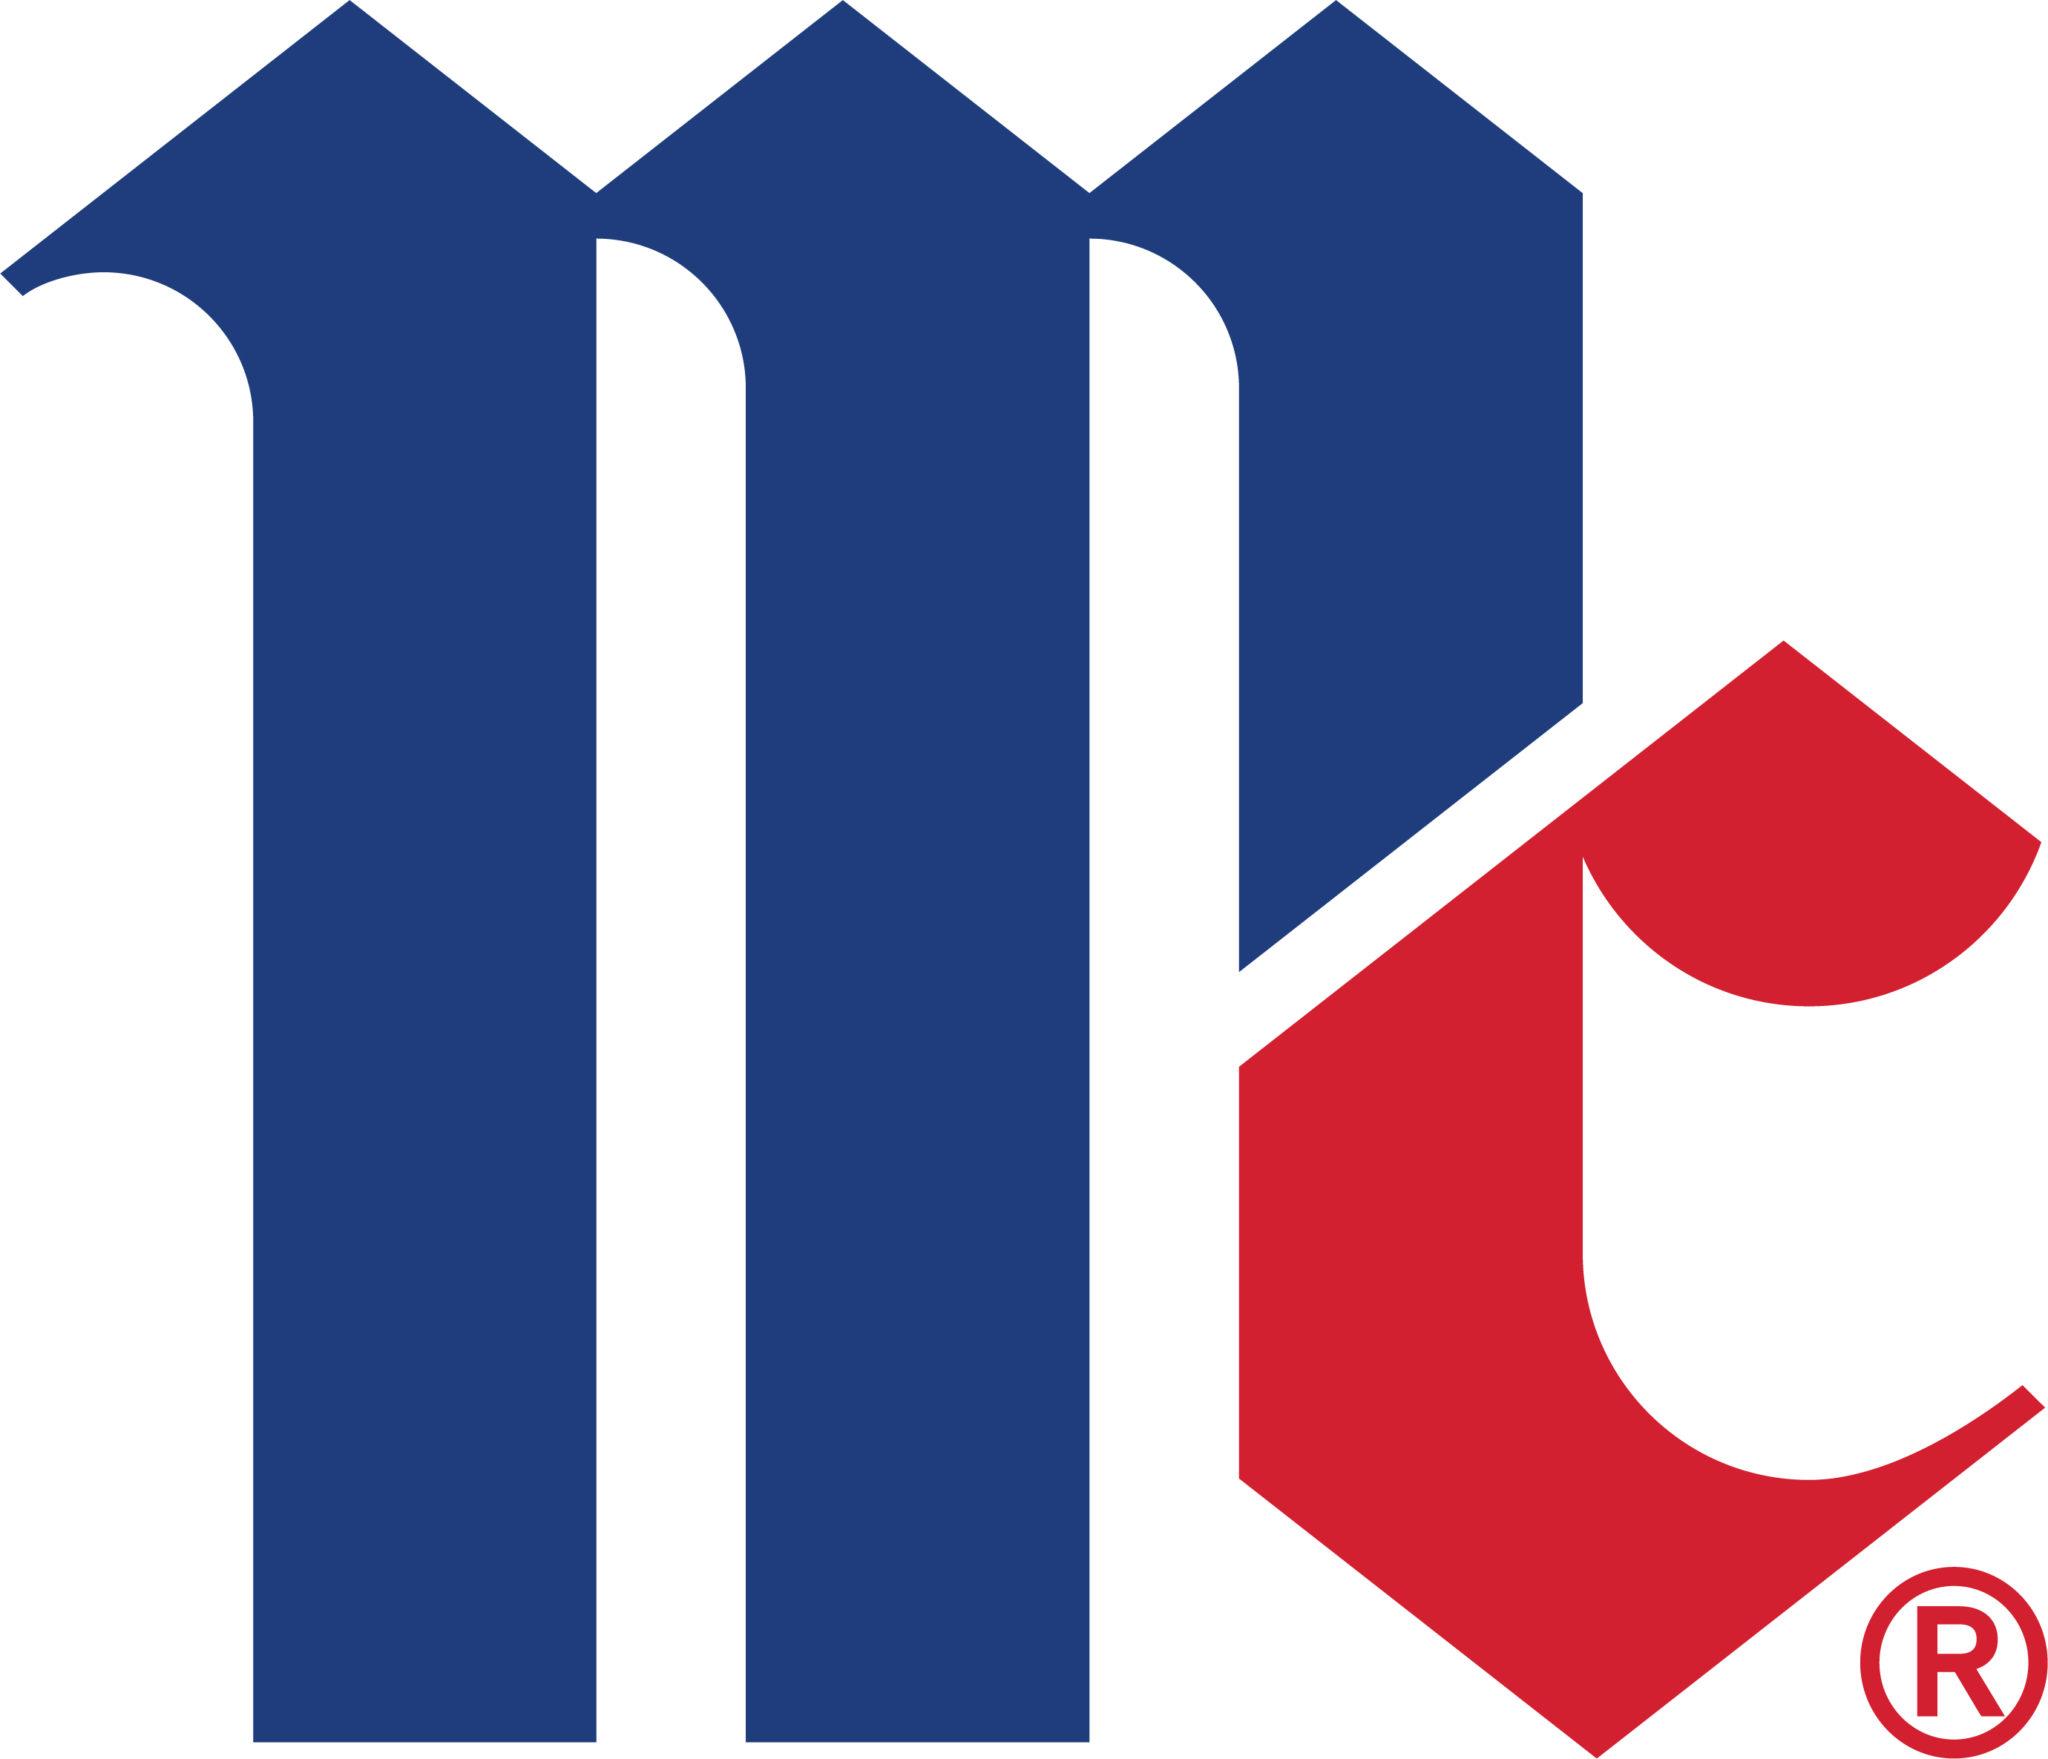 McCormick®